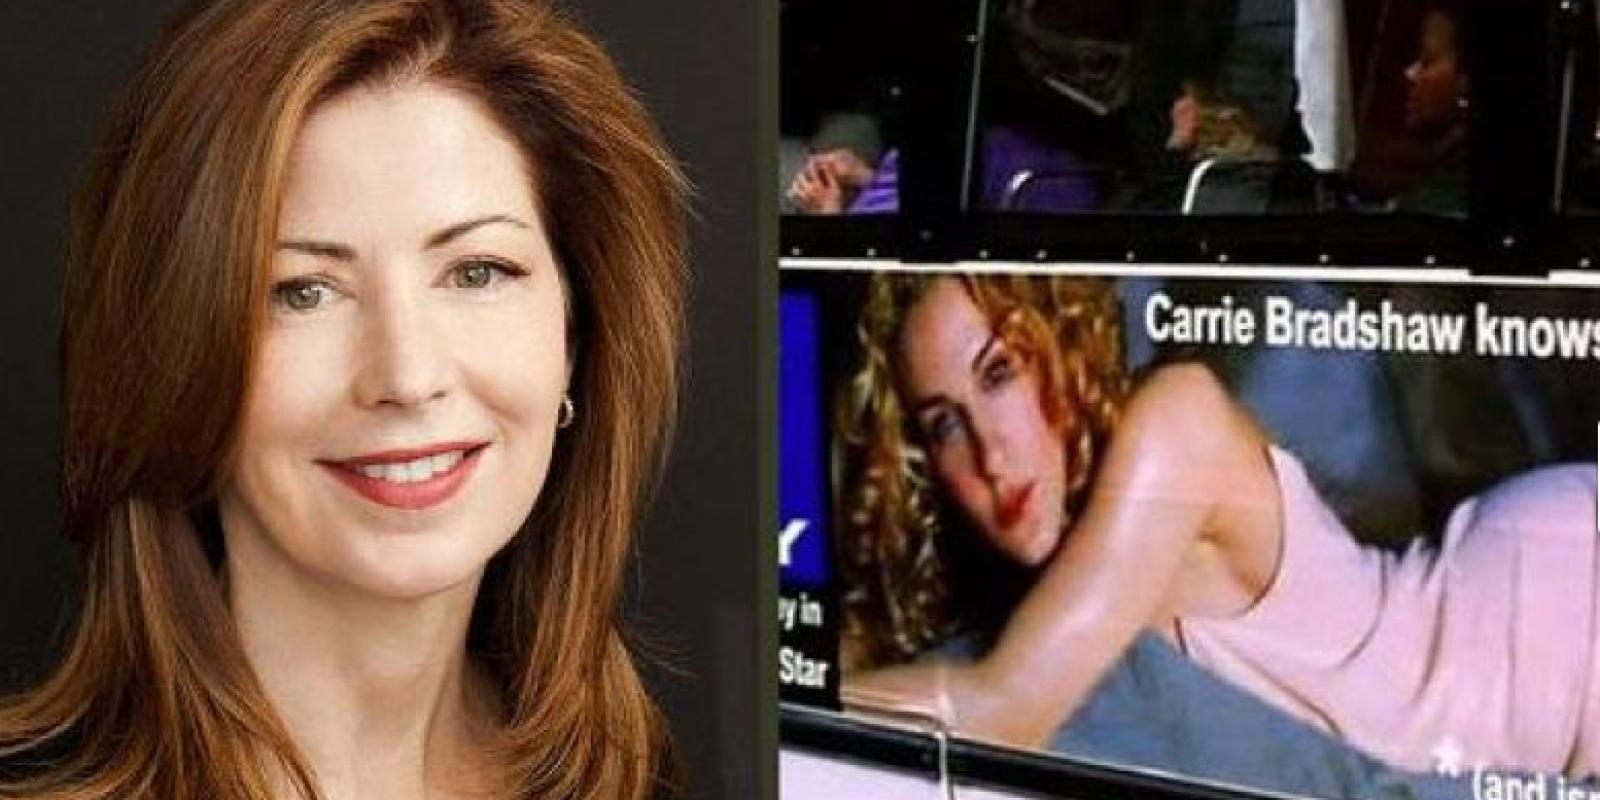 . Imagen Por: La actriz Dana Delany rechazó el papel de Carrie Bradshaw, la periodista de la famosísima serie Sexo en la Ciudad, interpretado por Sarah Jessica Parker.